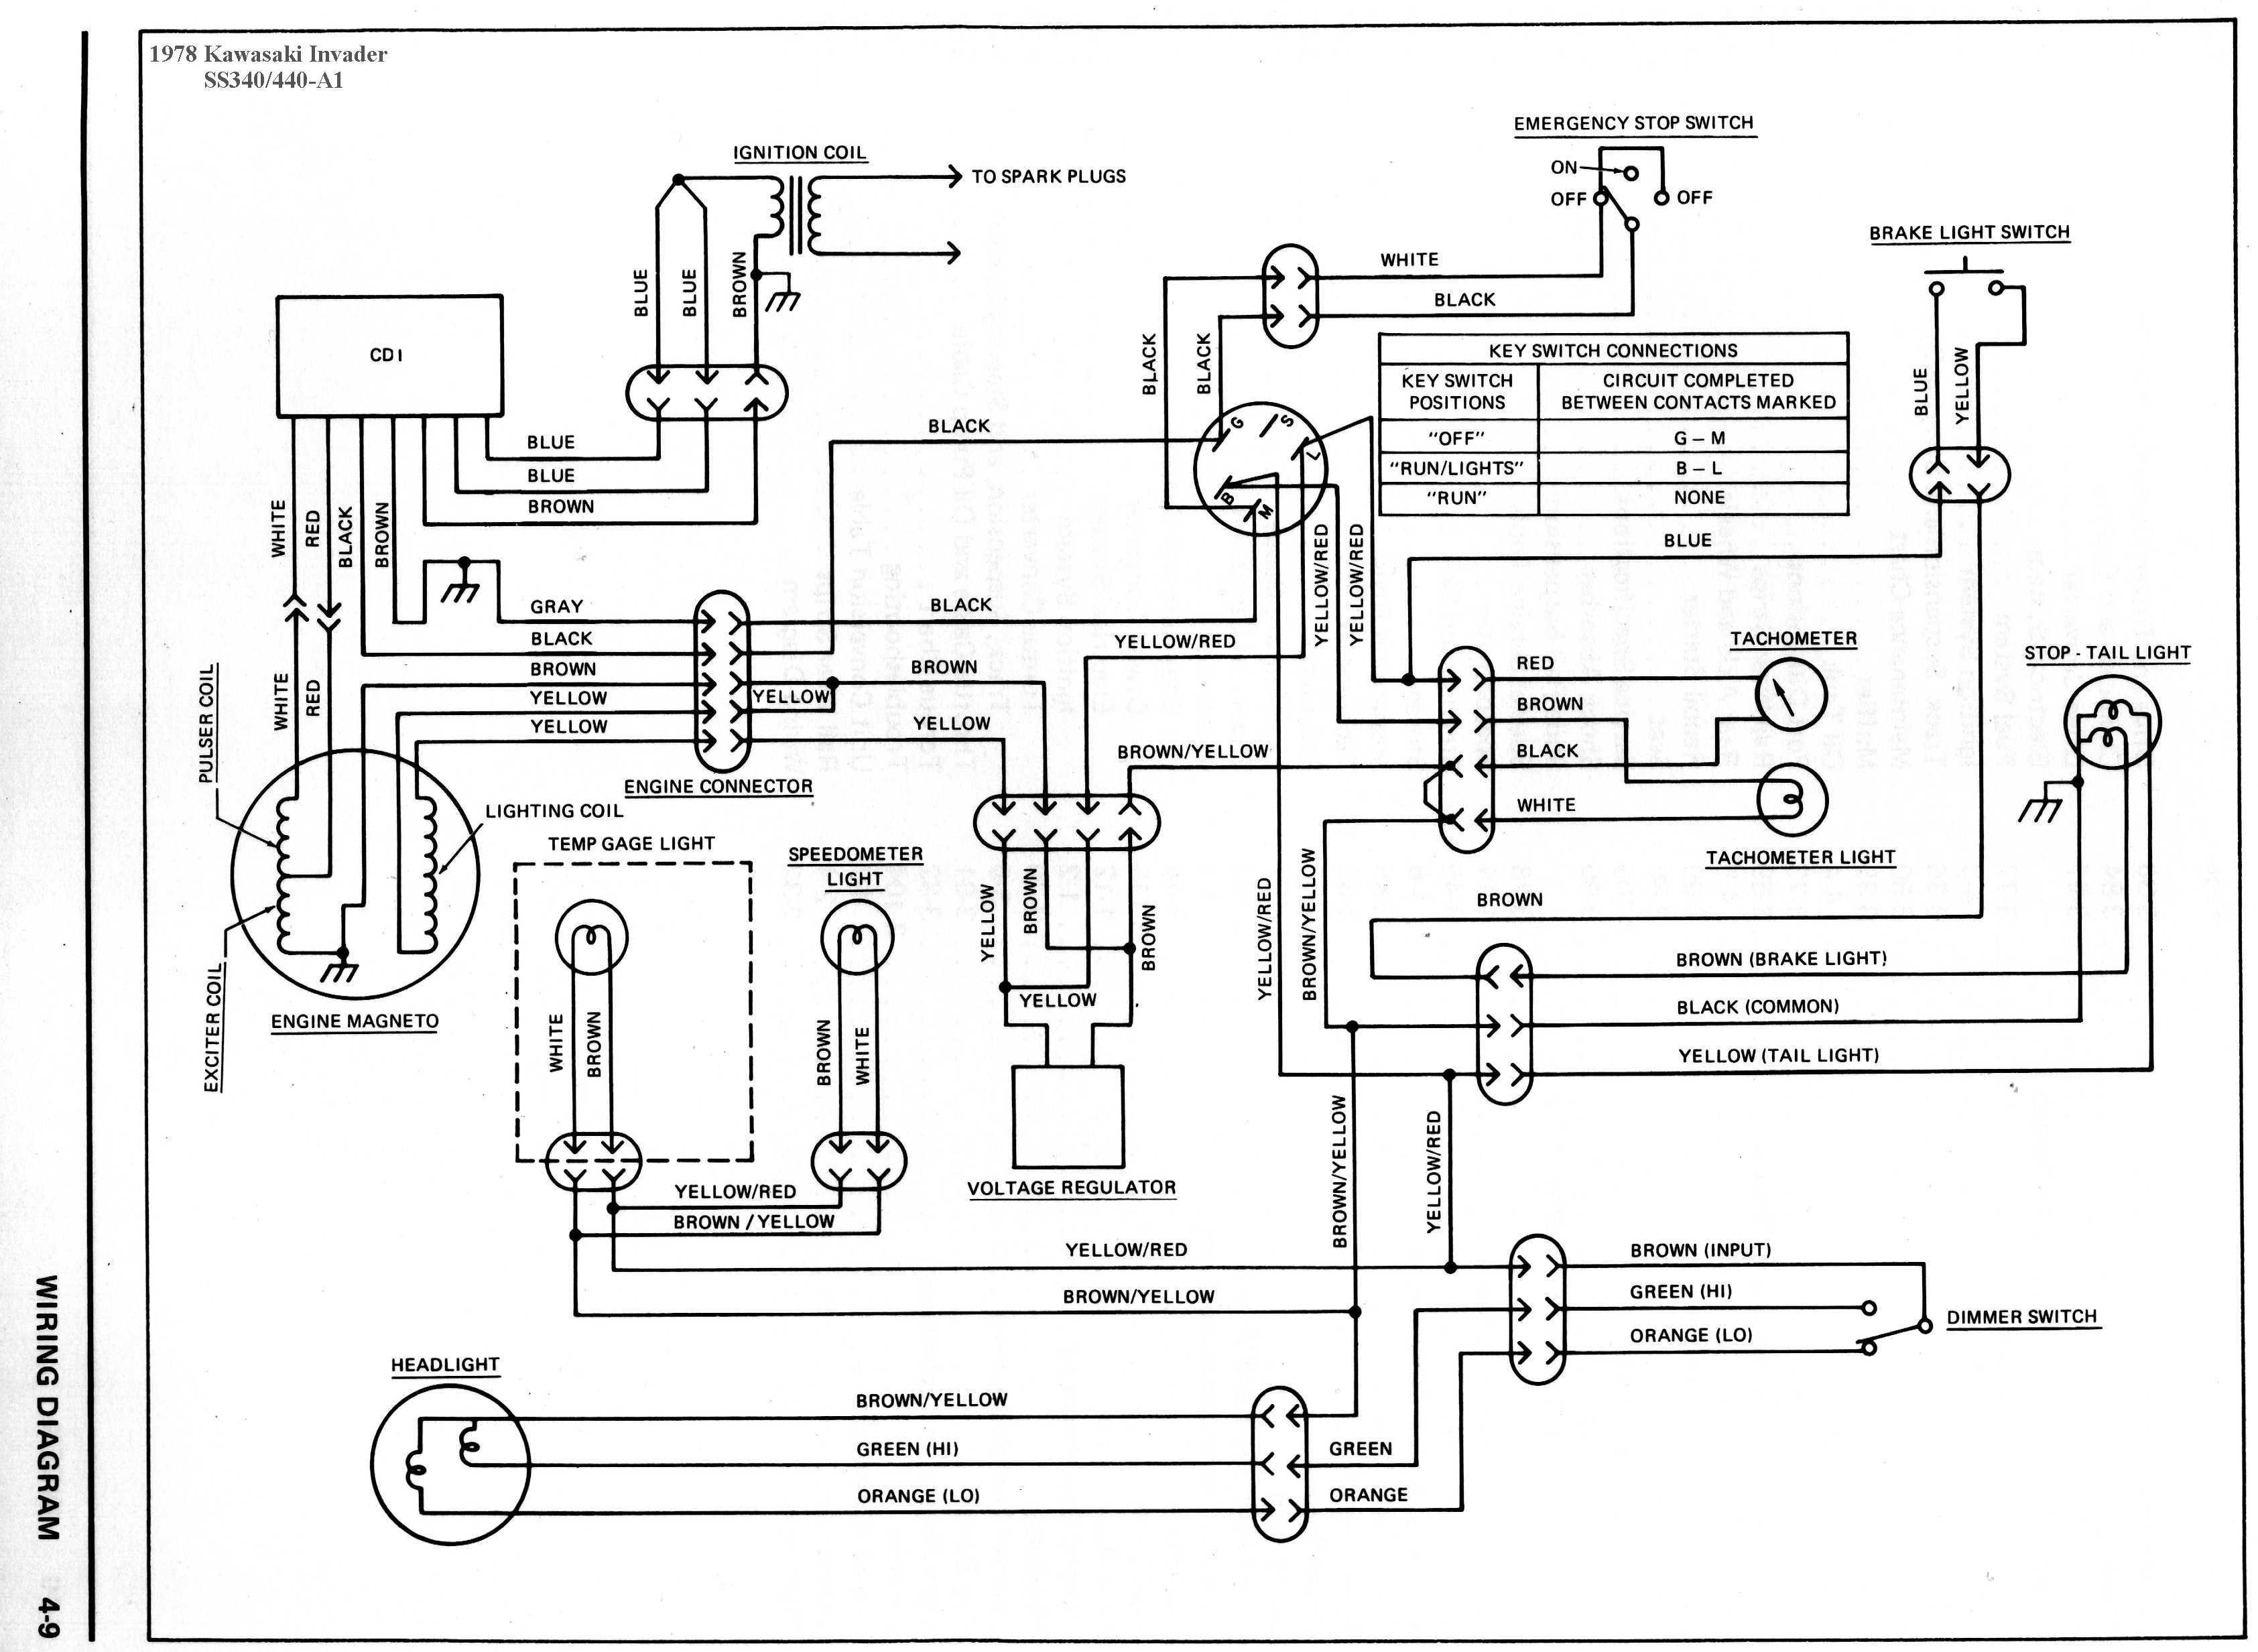 Kawasaki Brute Force 750 Wiring Diagram